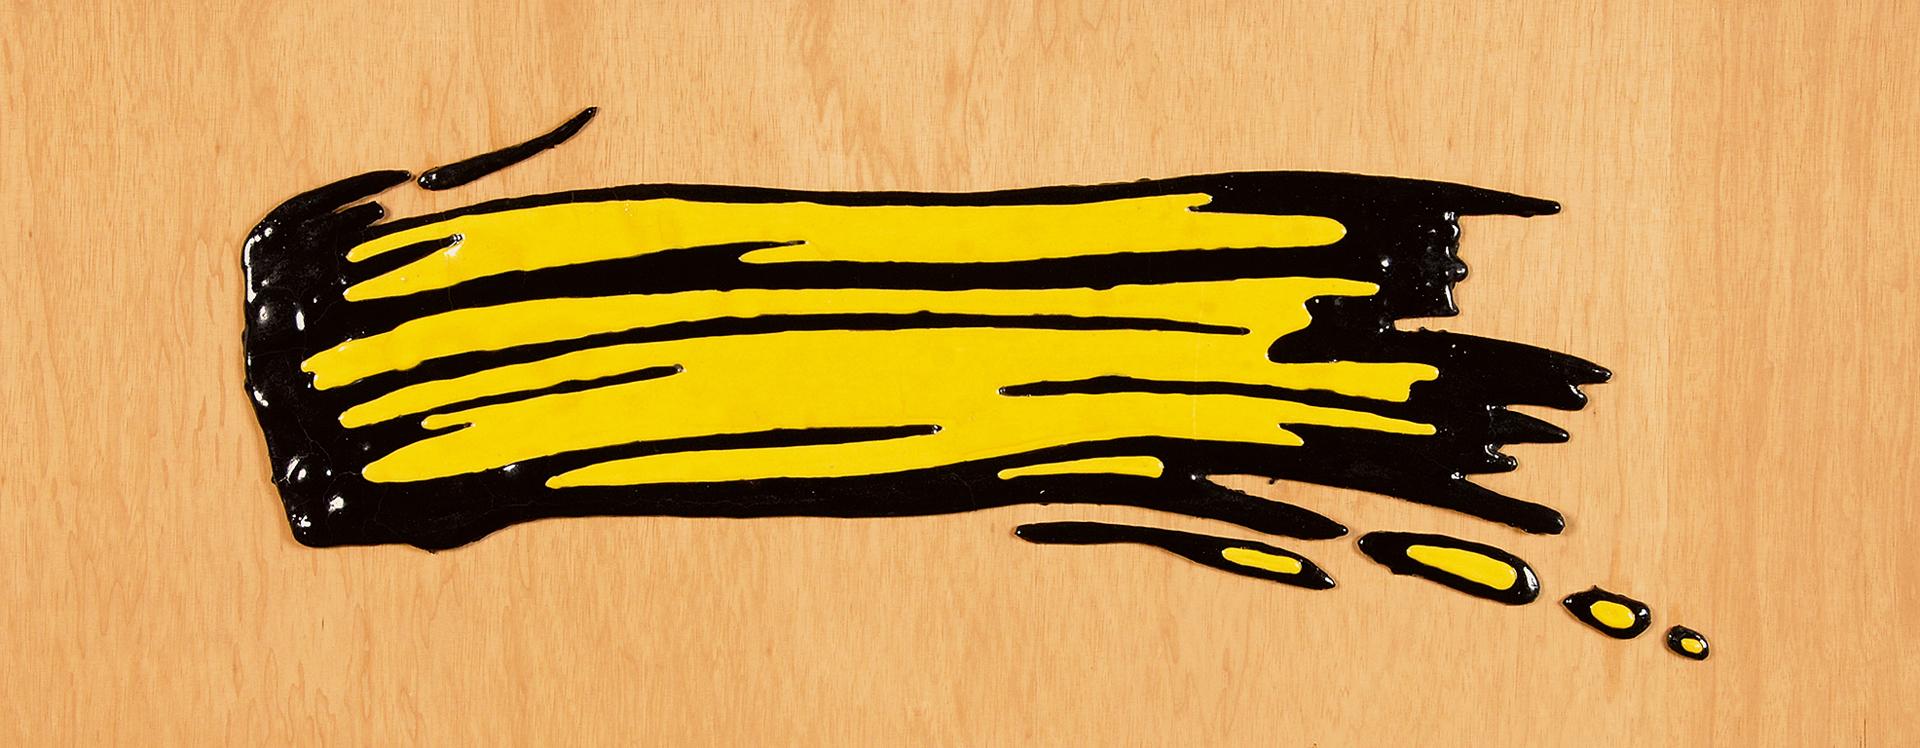 Roy Lichtenstein, Brushstroke